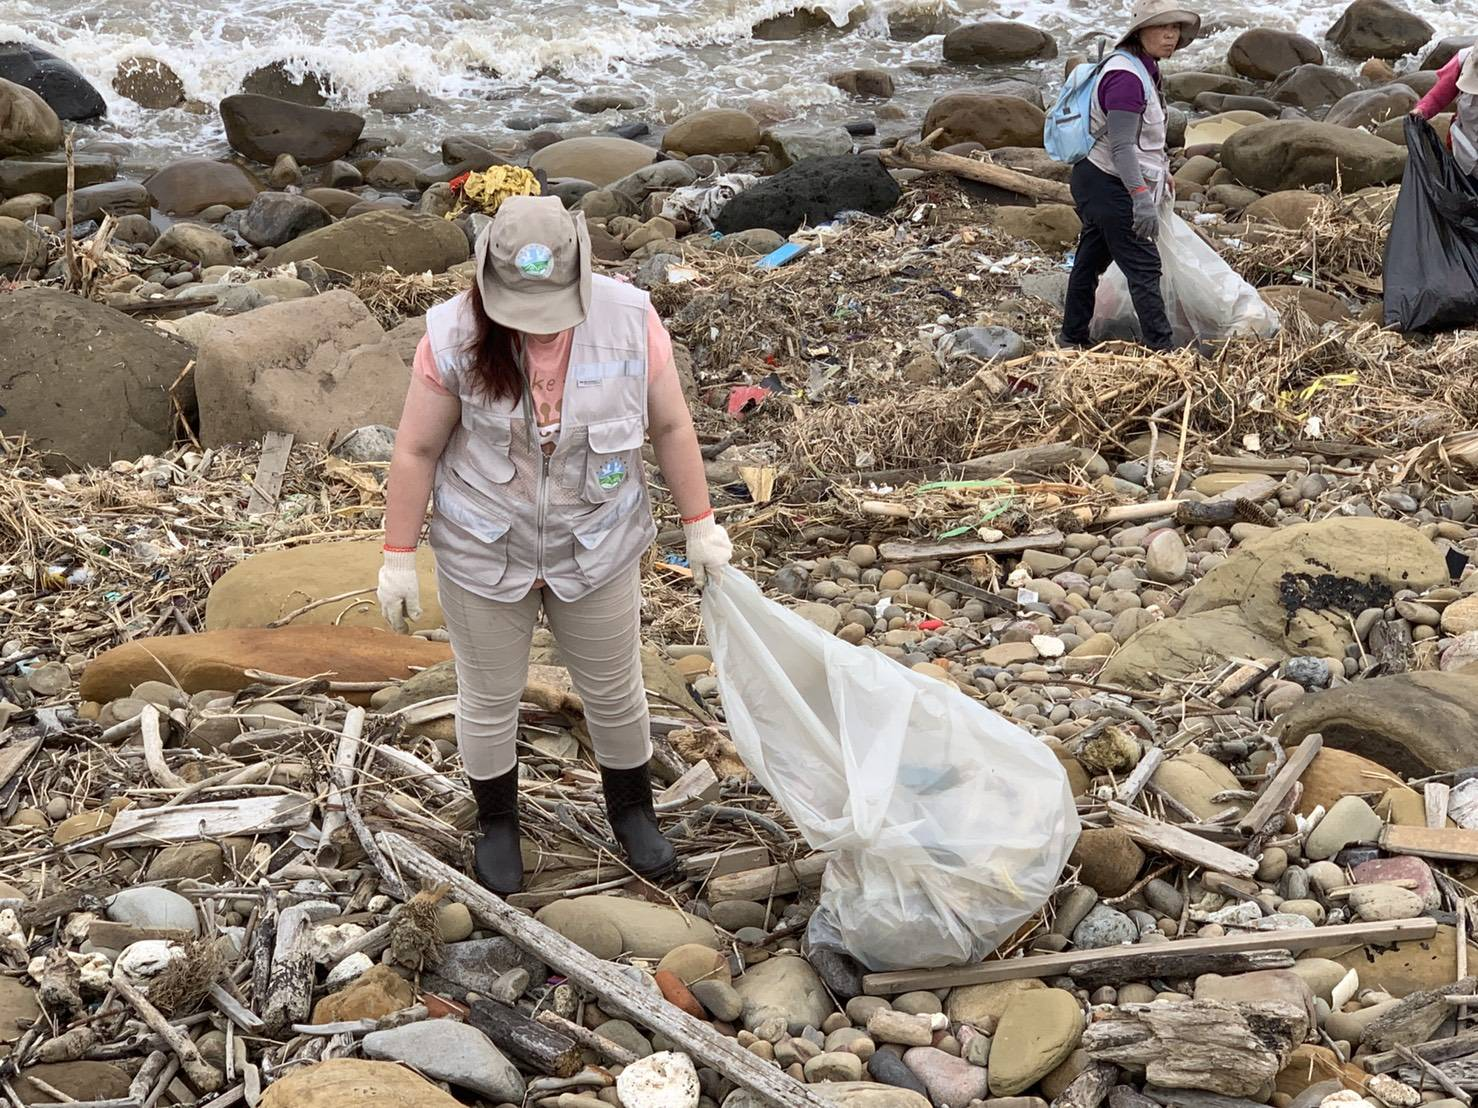 守護大園海岸環境 環保志工緊急總動員